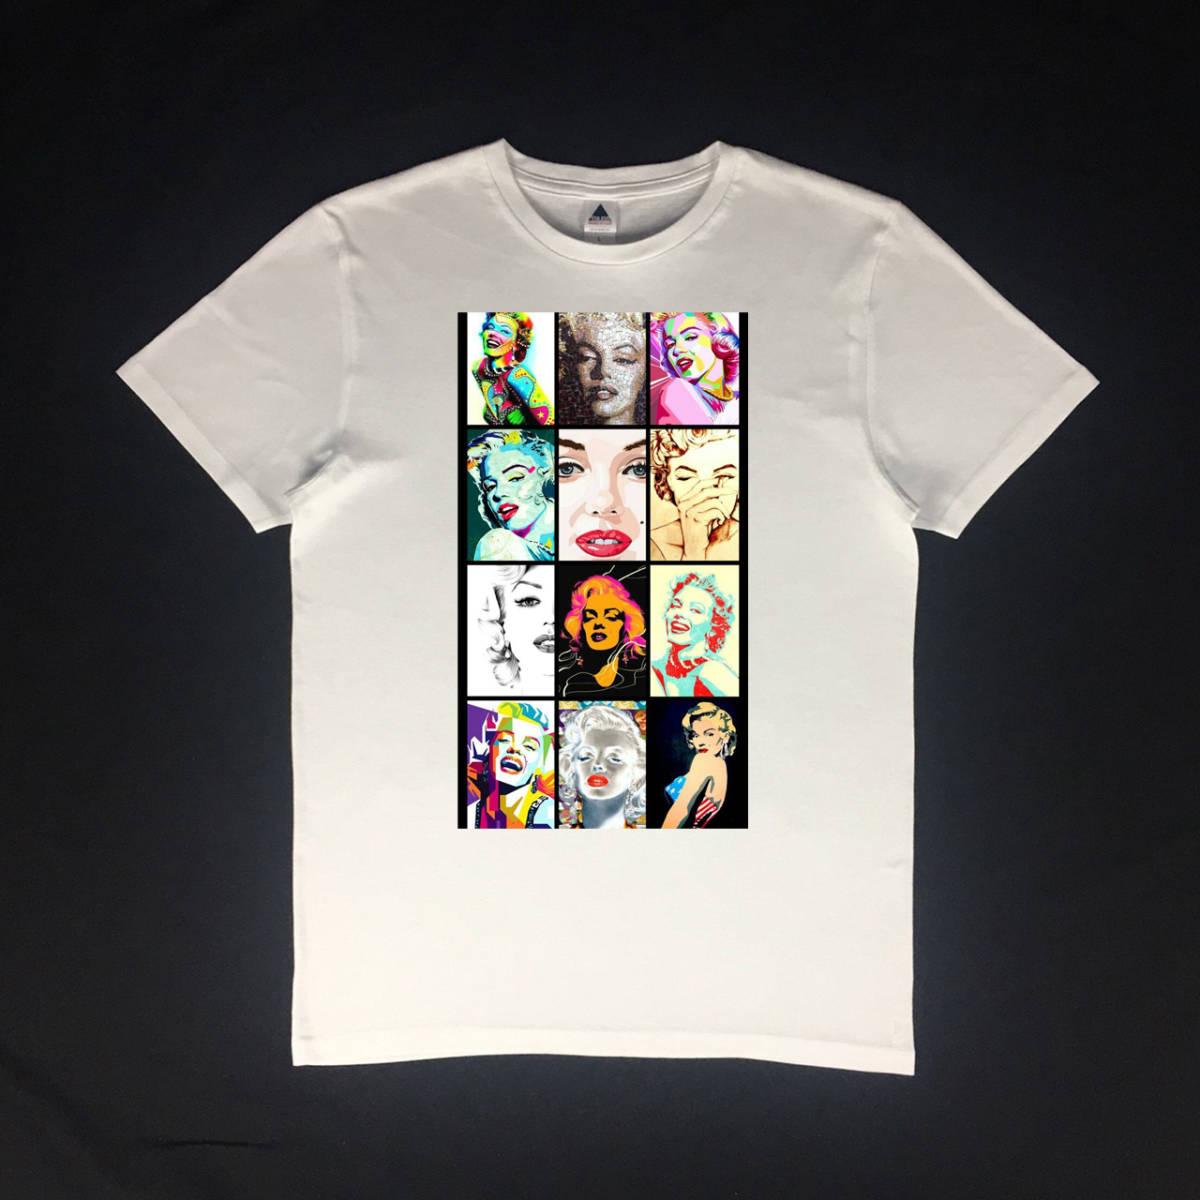 未使用 アウトドア マリリンモンローTシャツ S M L XL ビッグサイズ XXL 3XL 4XL 5XL 黒色 対応 OK_画像2